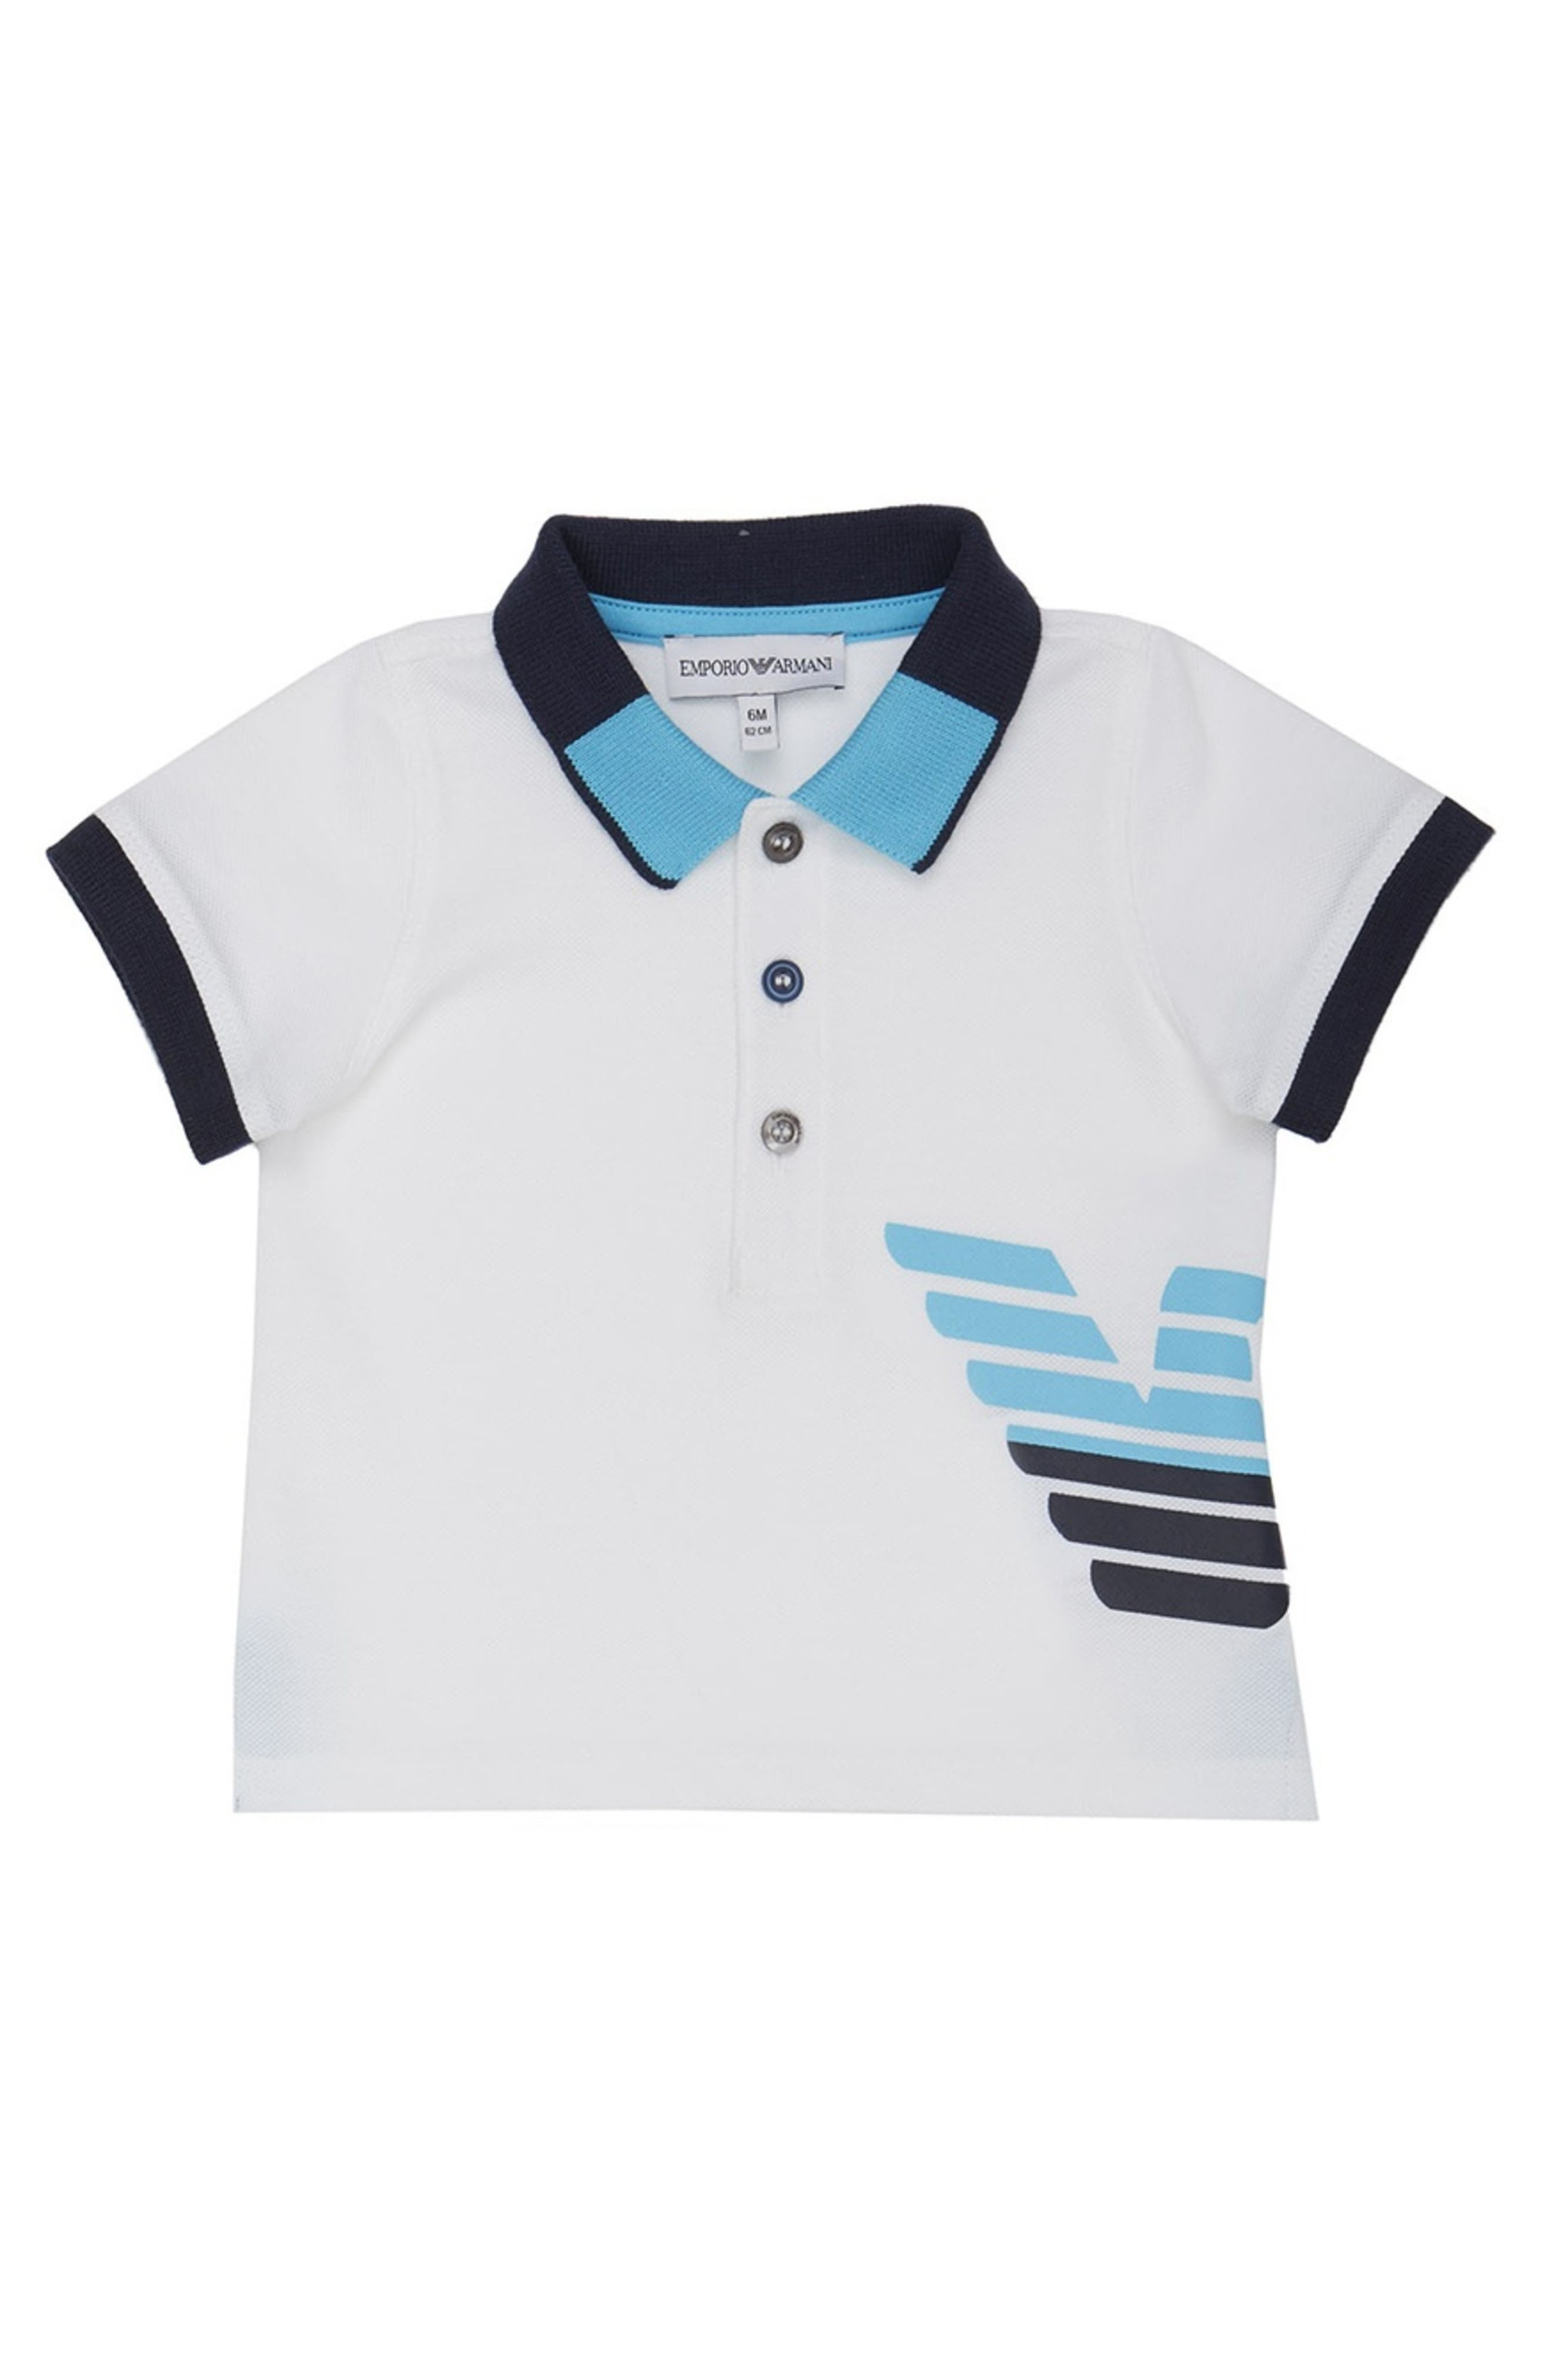 96a382fa83f Armani Junior Clothing